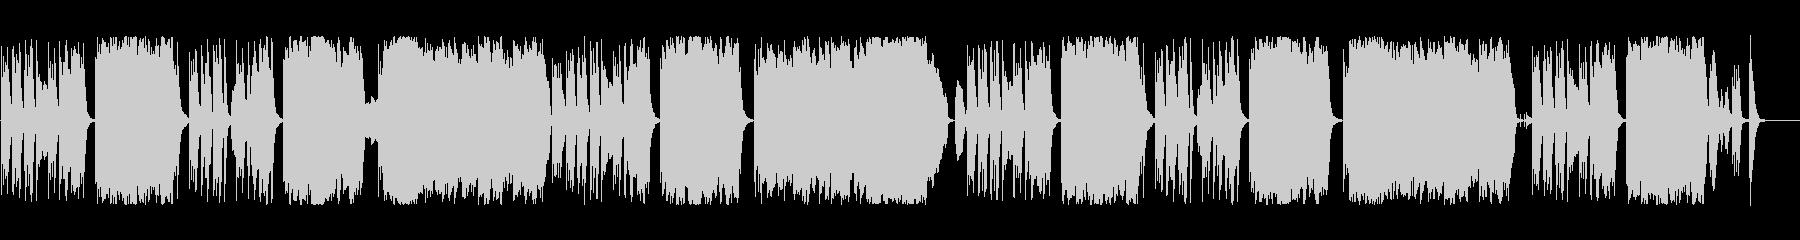 コミカルでかわいい日常系BGMの未再生の波形